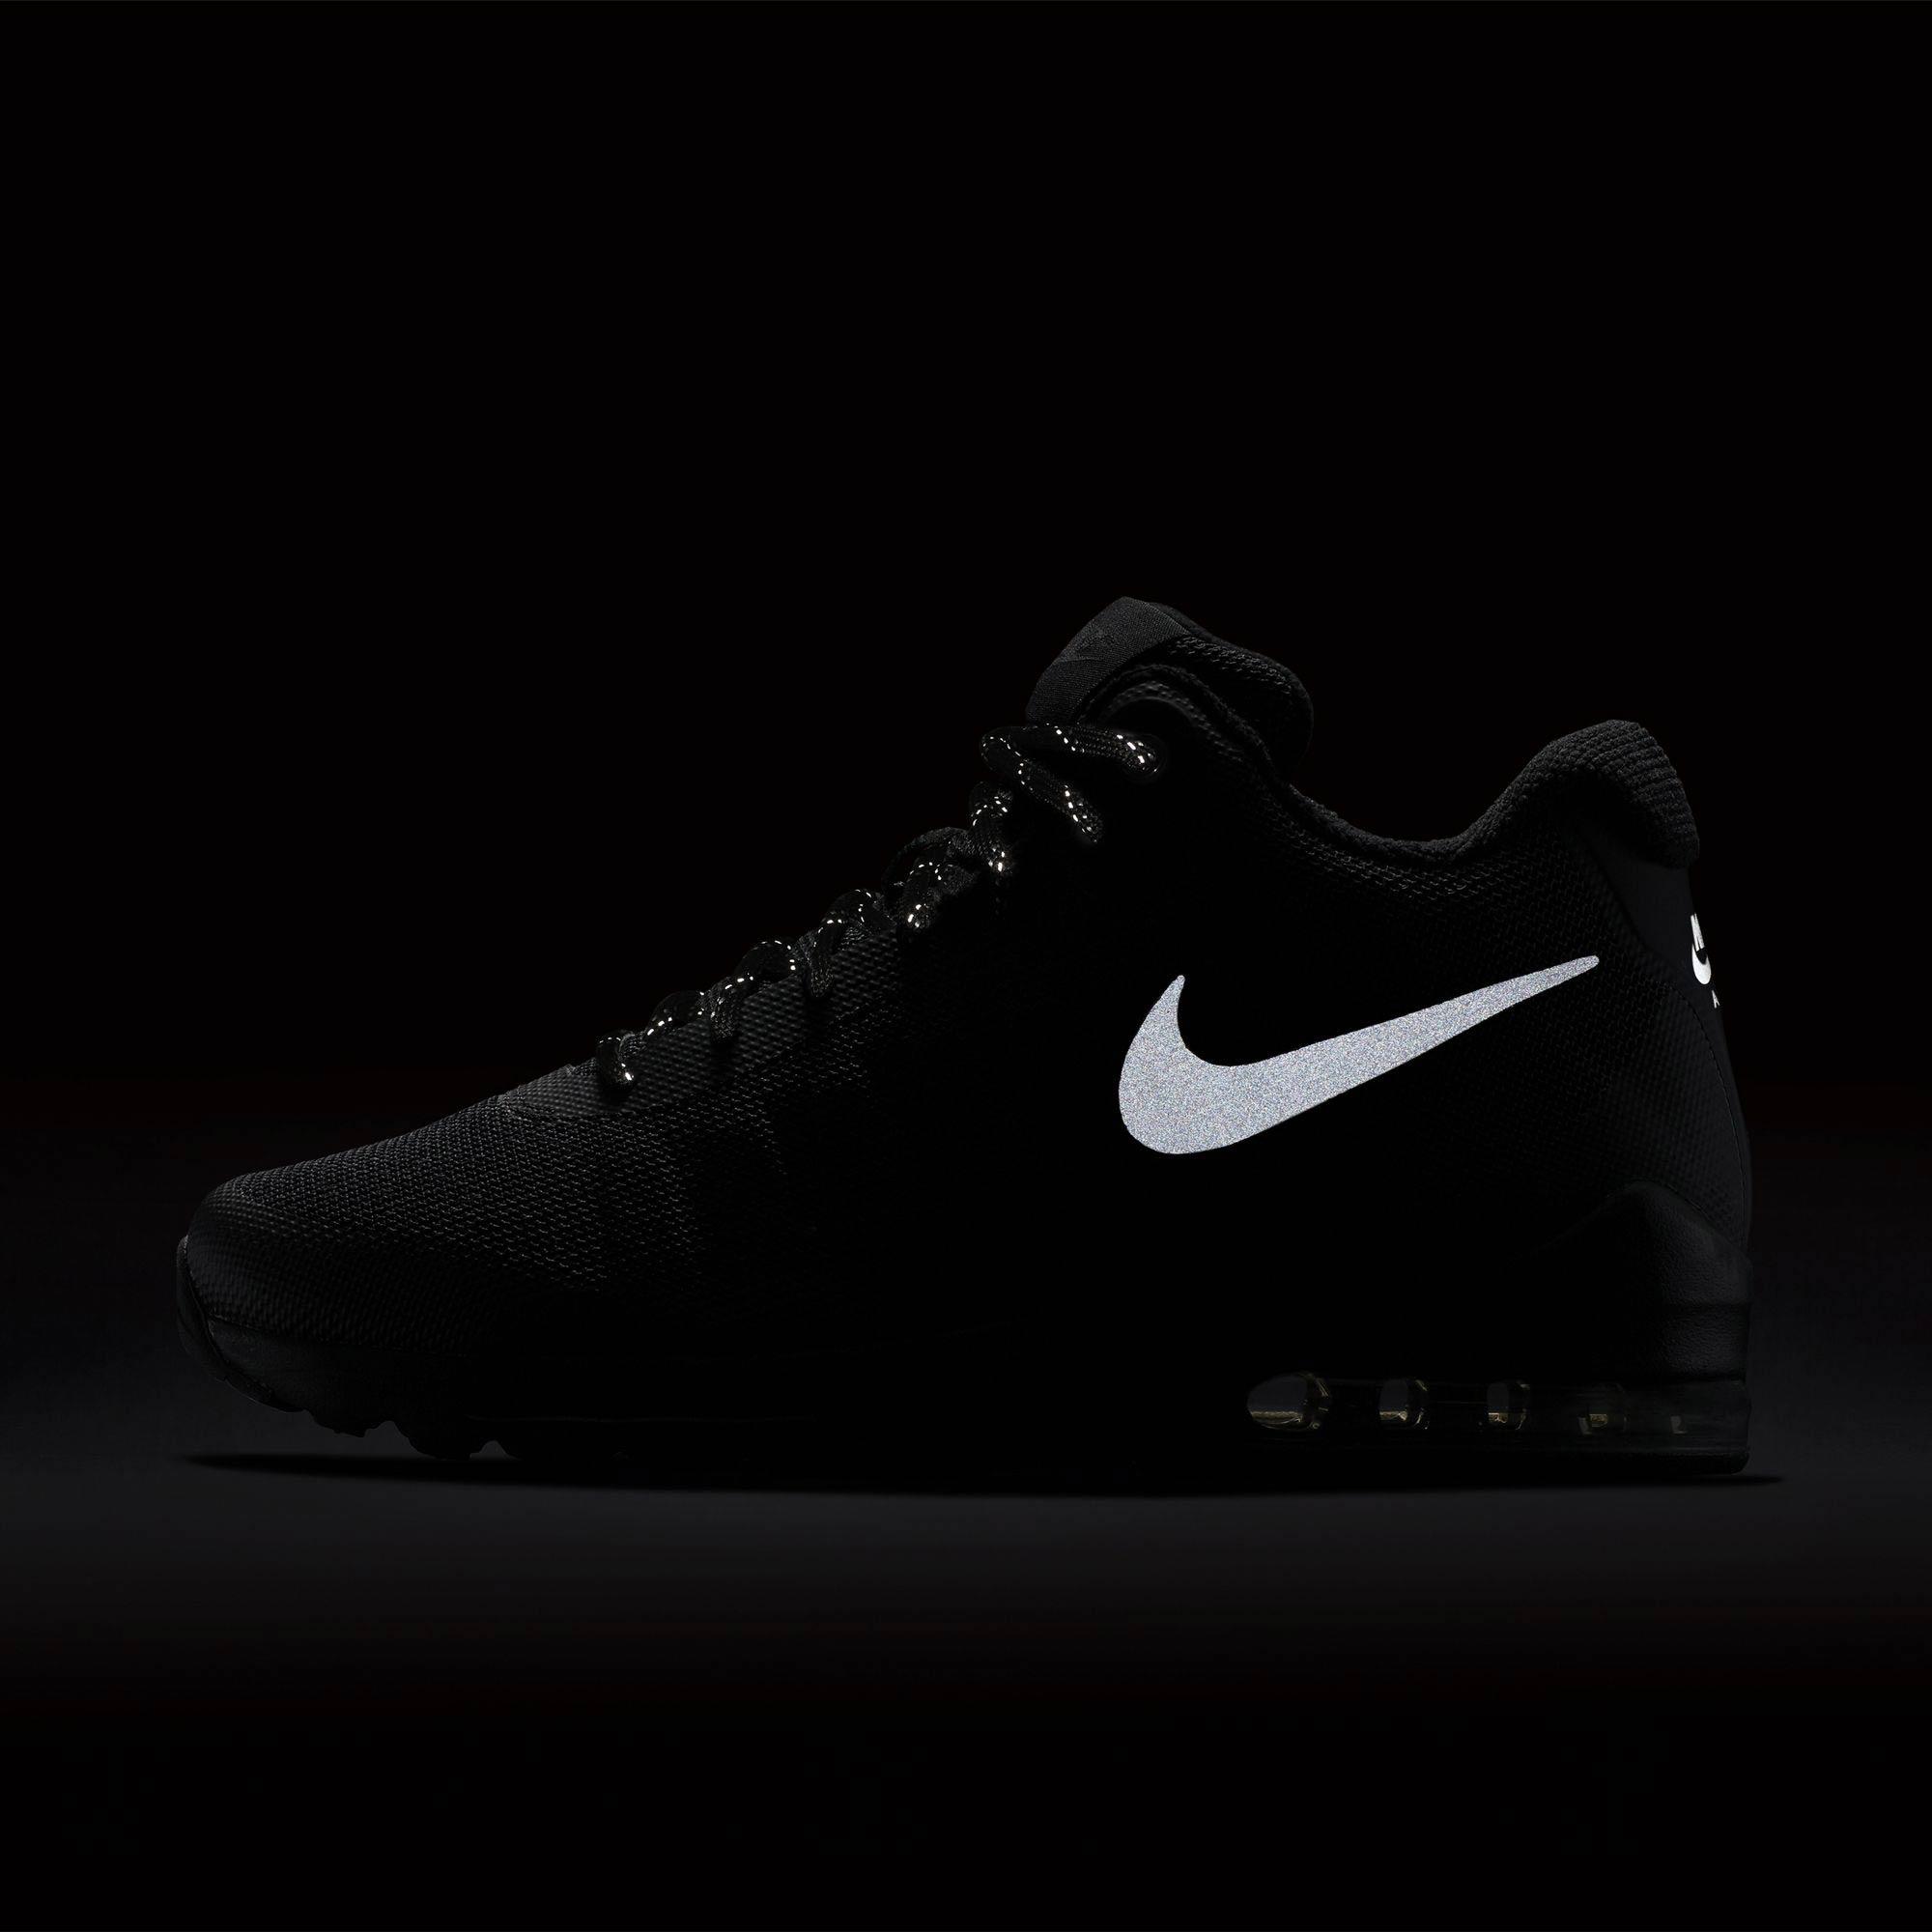 ... Nike Air Max Invigor Premium Running Shoes BlackWhite 819797-  Papuci  casual bărbați ... 9ed6376d8